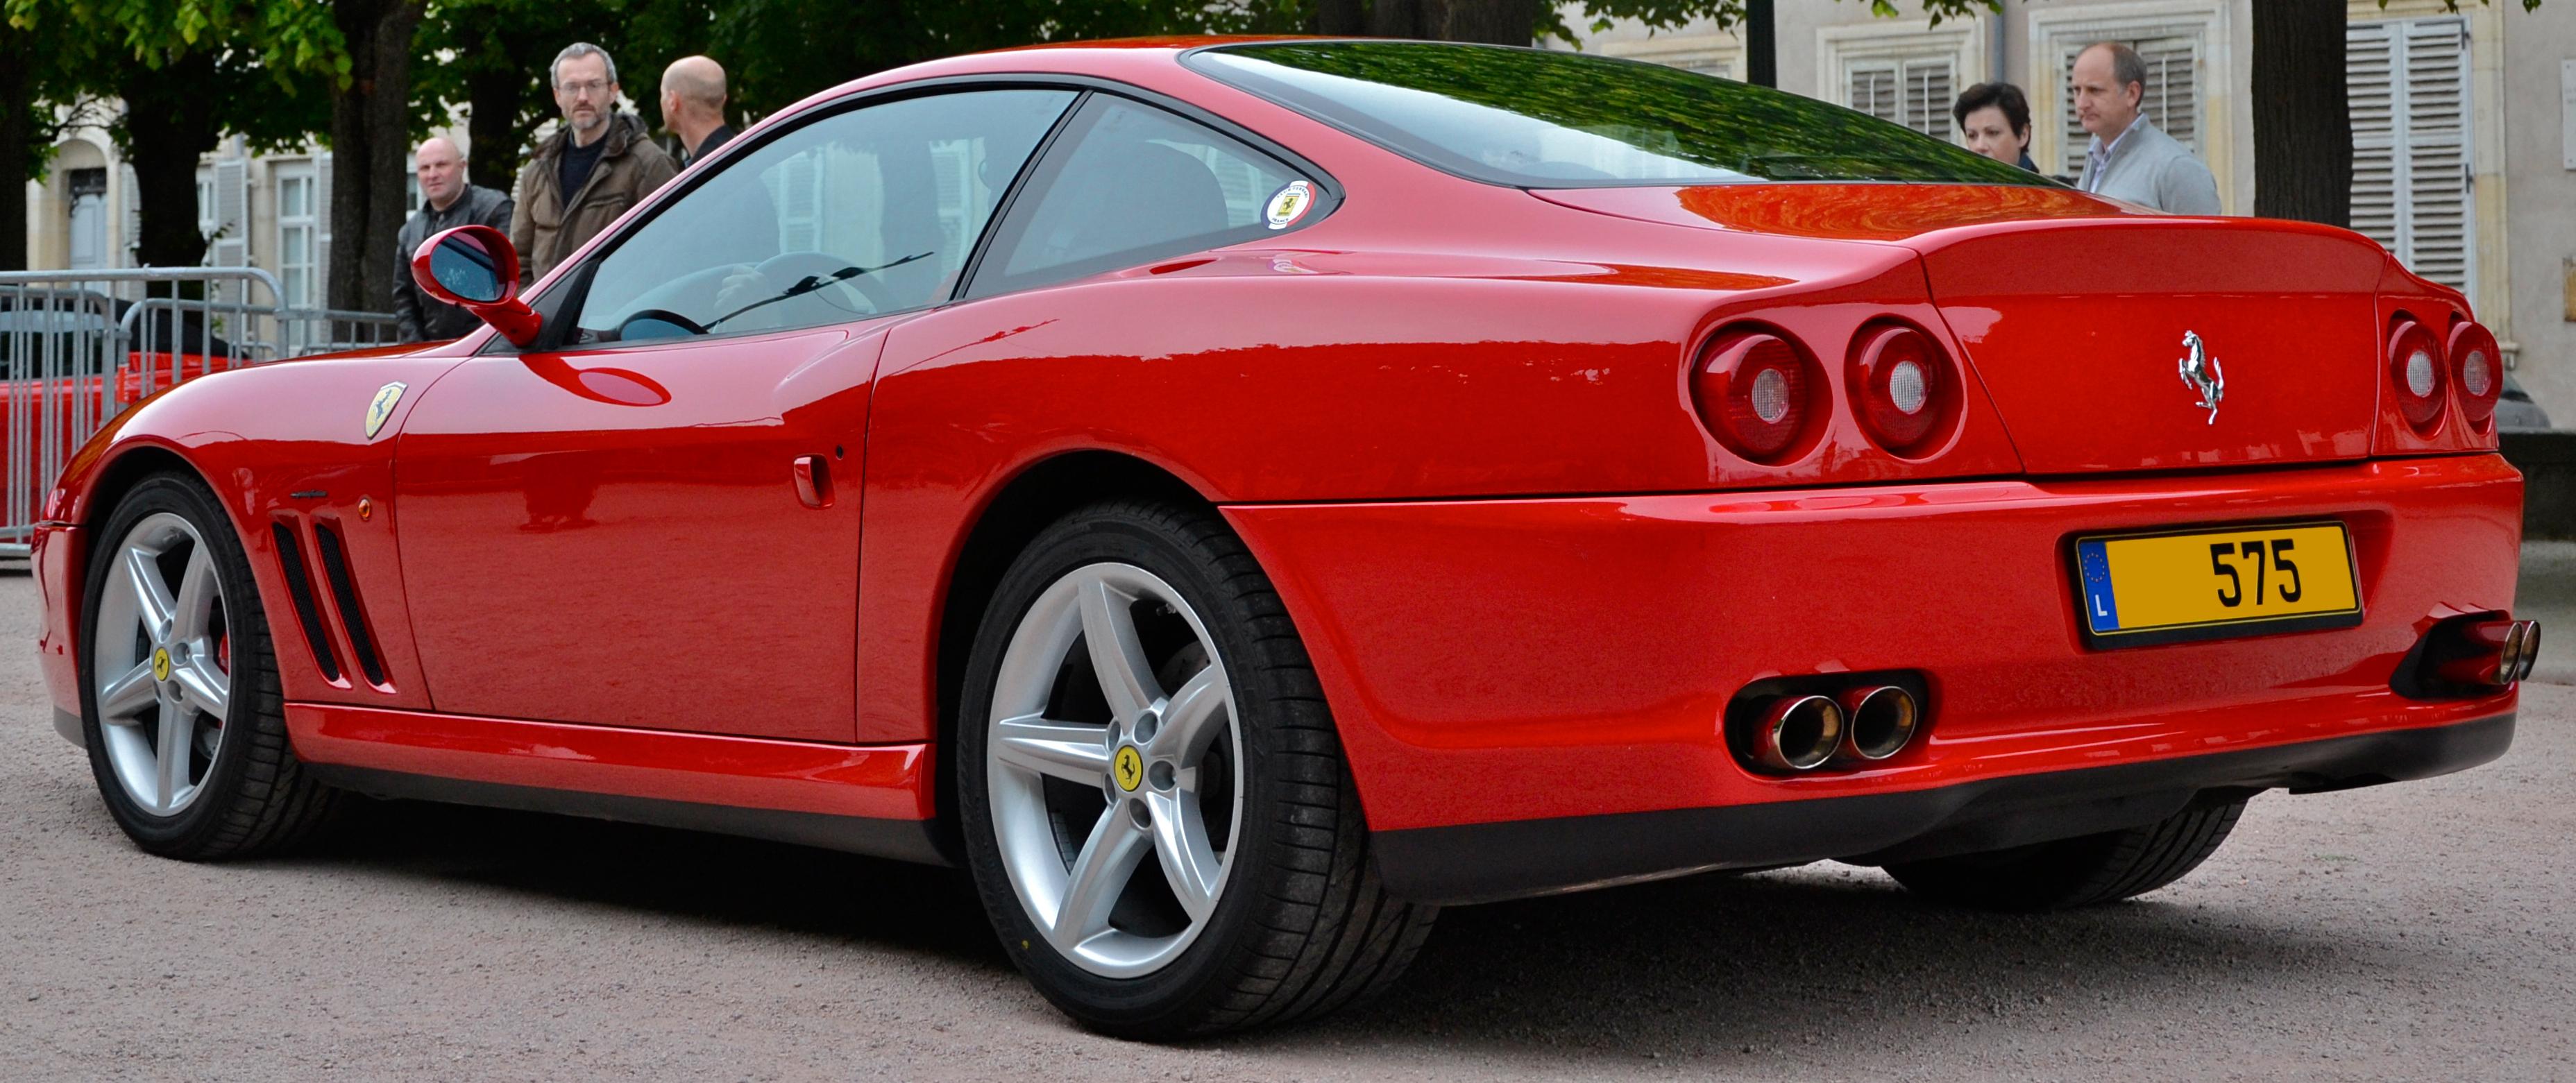 File Ferrari 575m Maranello Flickr Alexandre Prévot 4 Cropped Jpg Wikimedia Commons